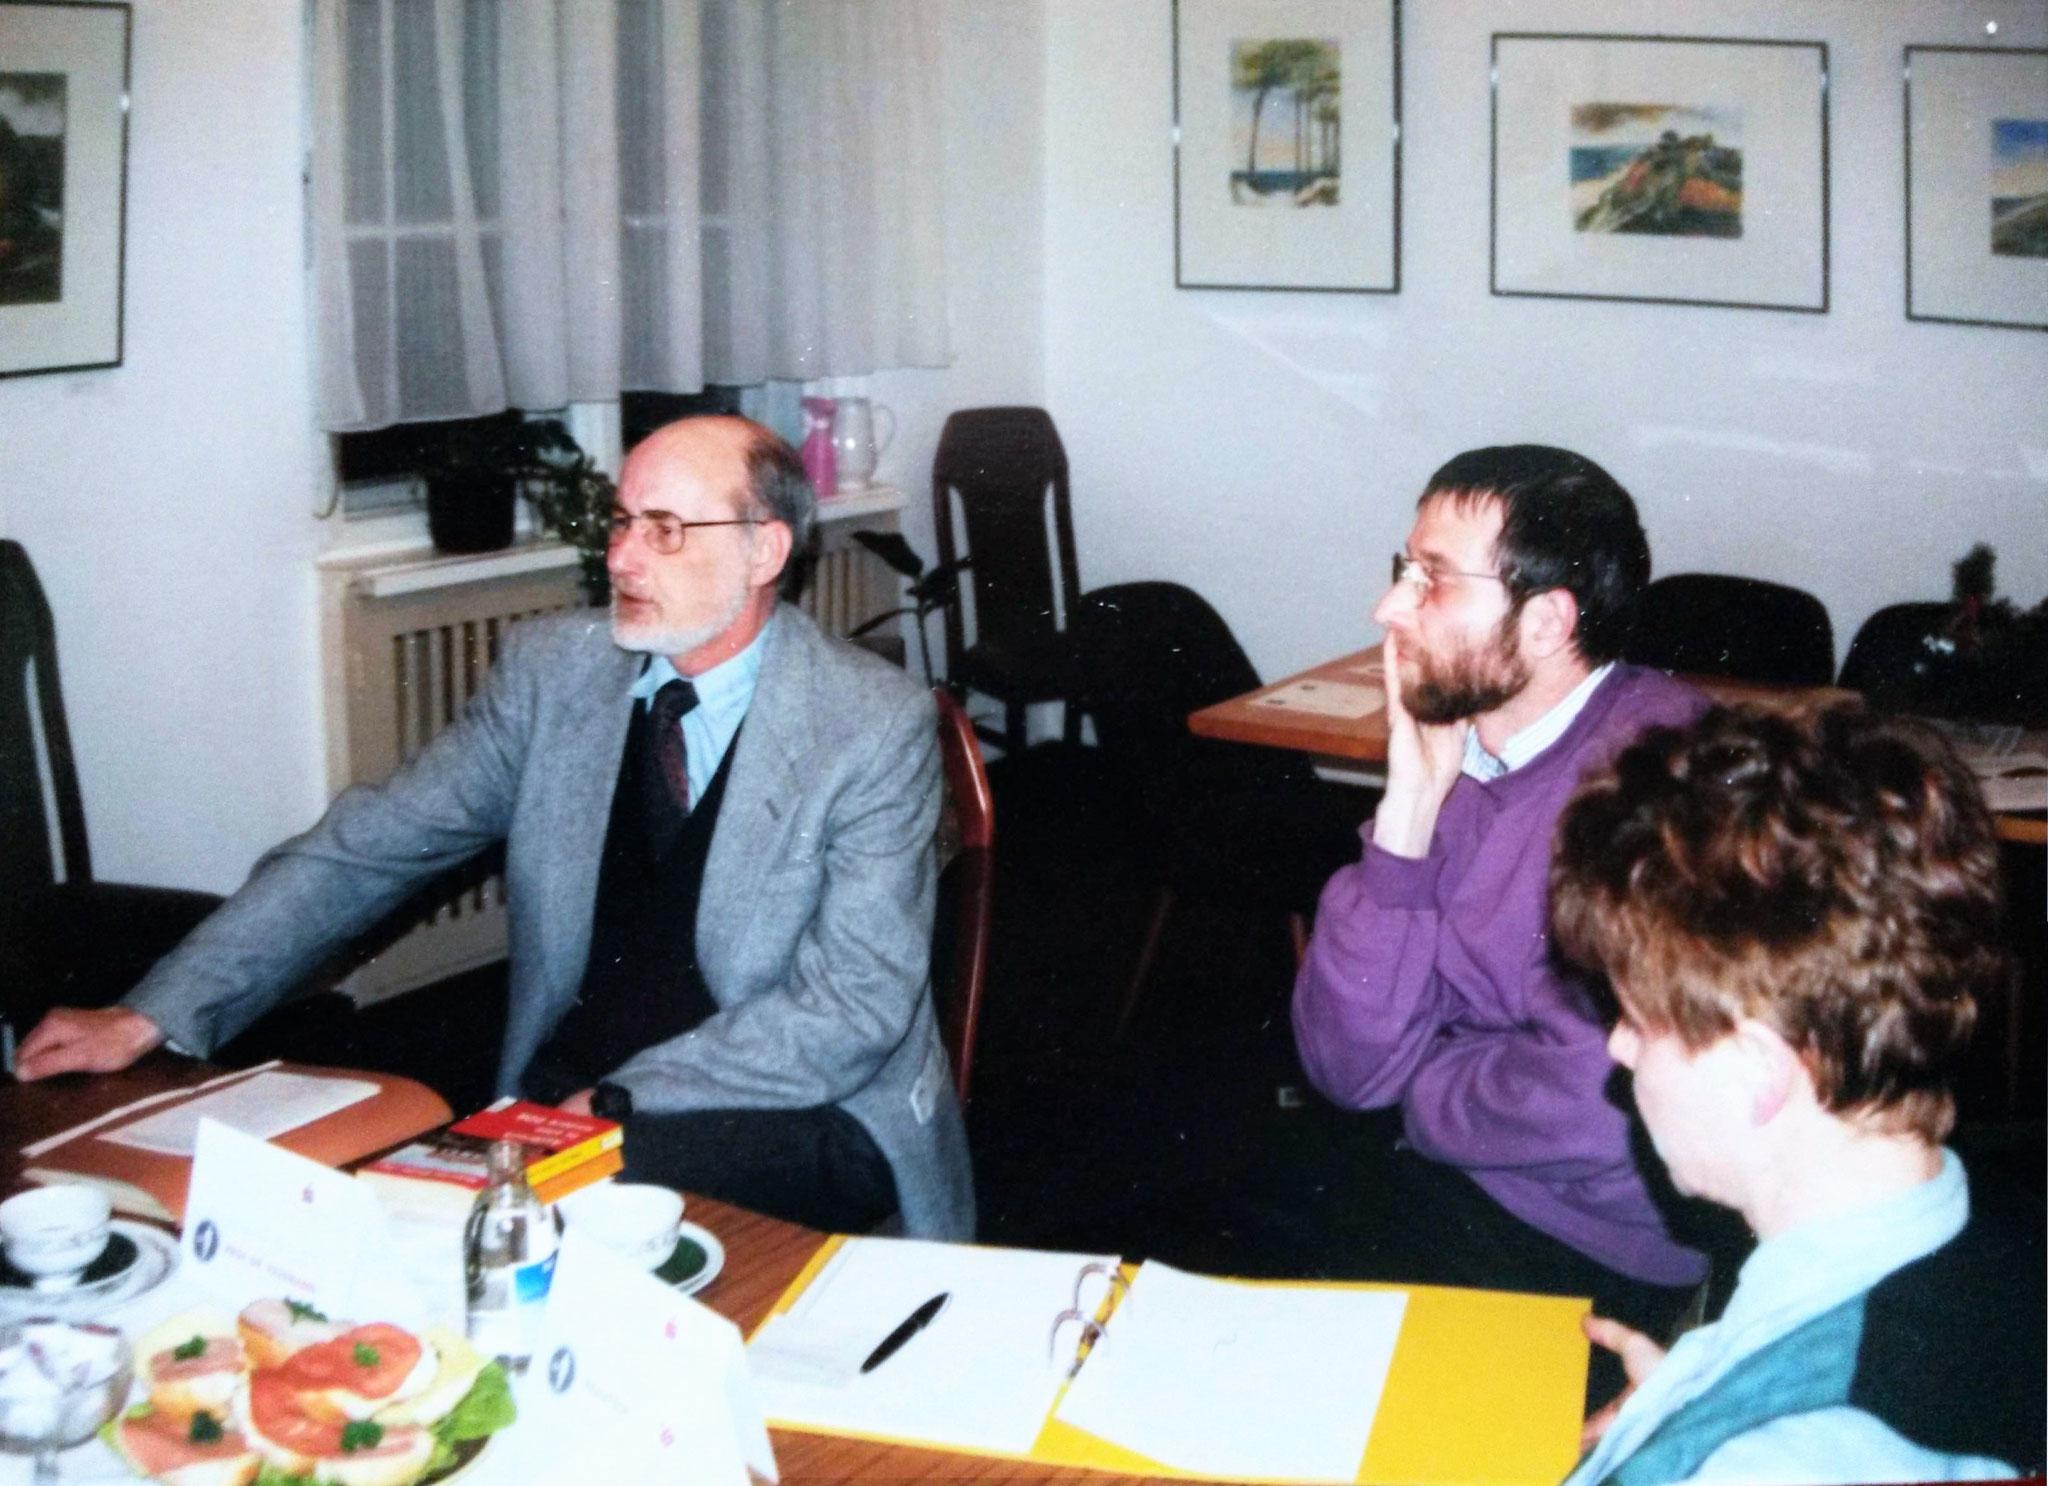 Auftaktsitzung des phil. Gesprächskreises mit Prof. Dieter Pasemann (UNI Halle-Wittenberg) - Dezember 1995